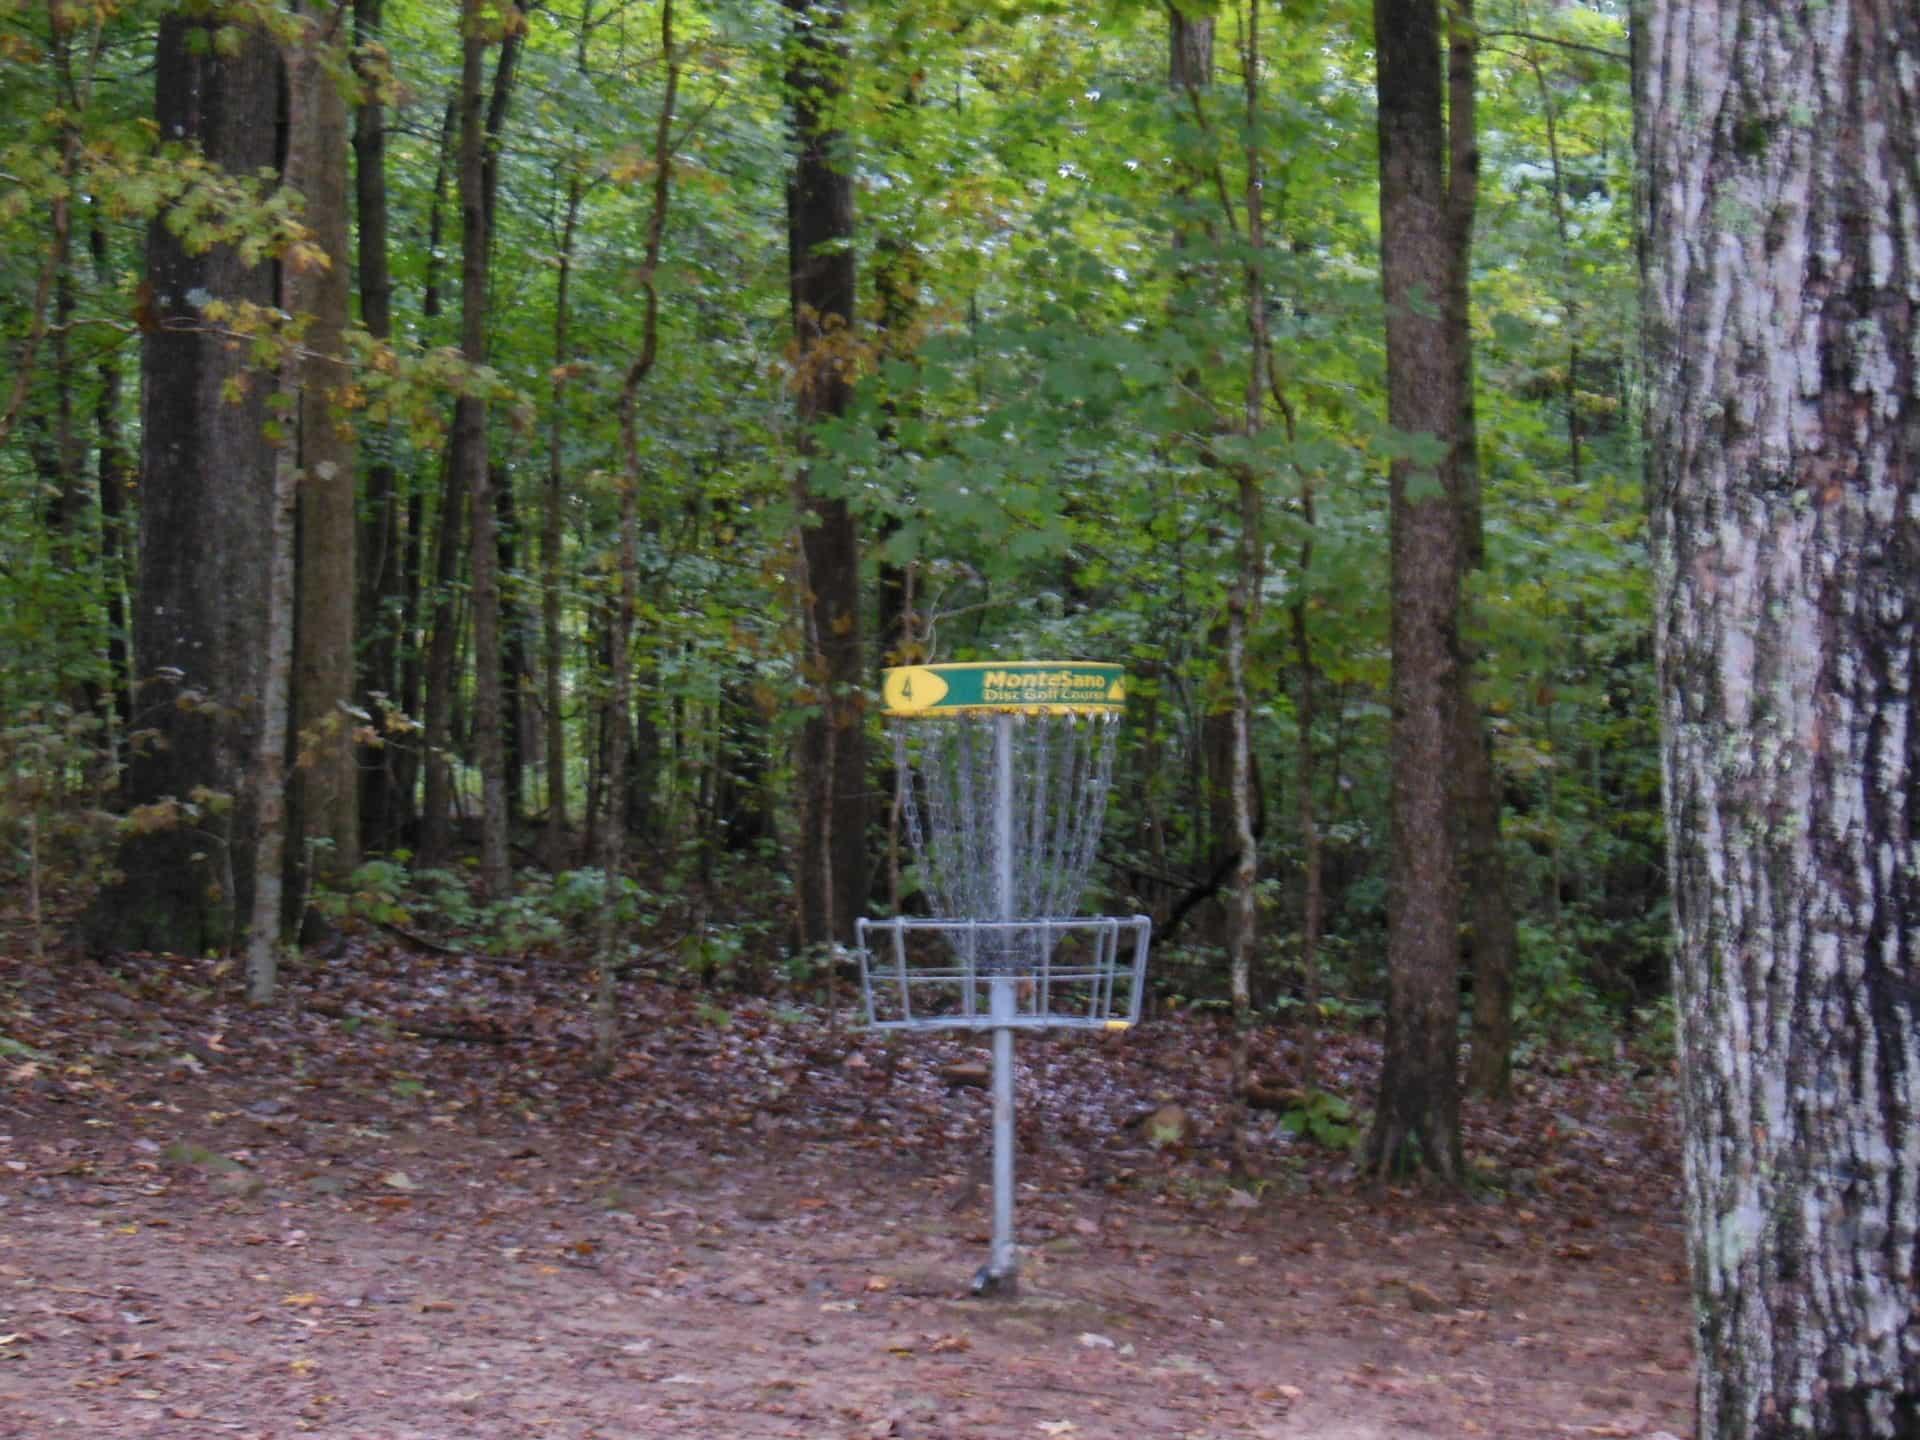 Monte Sano State Park - frisbee golf